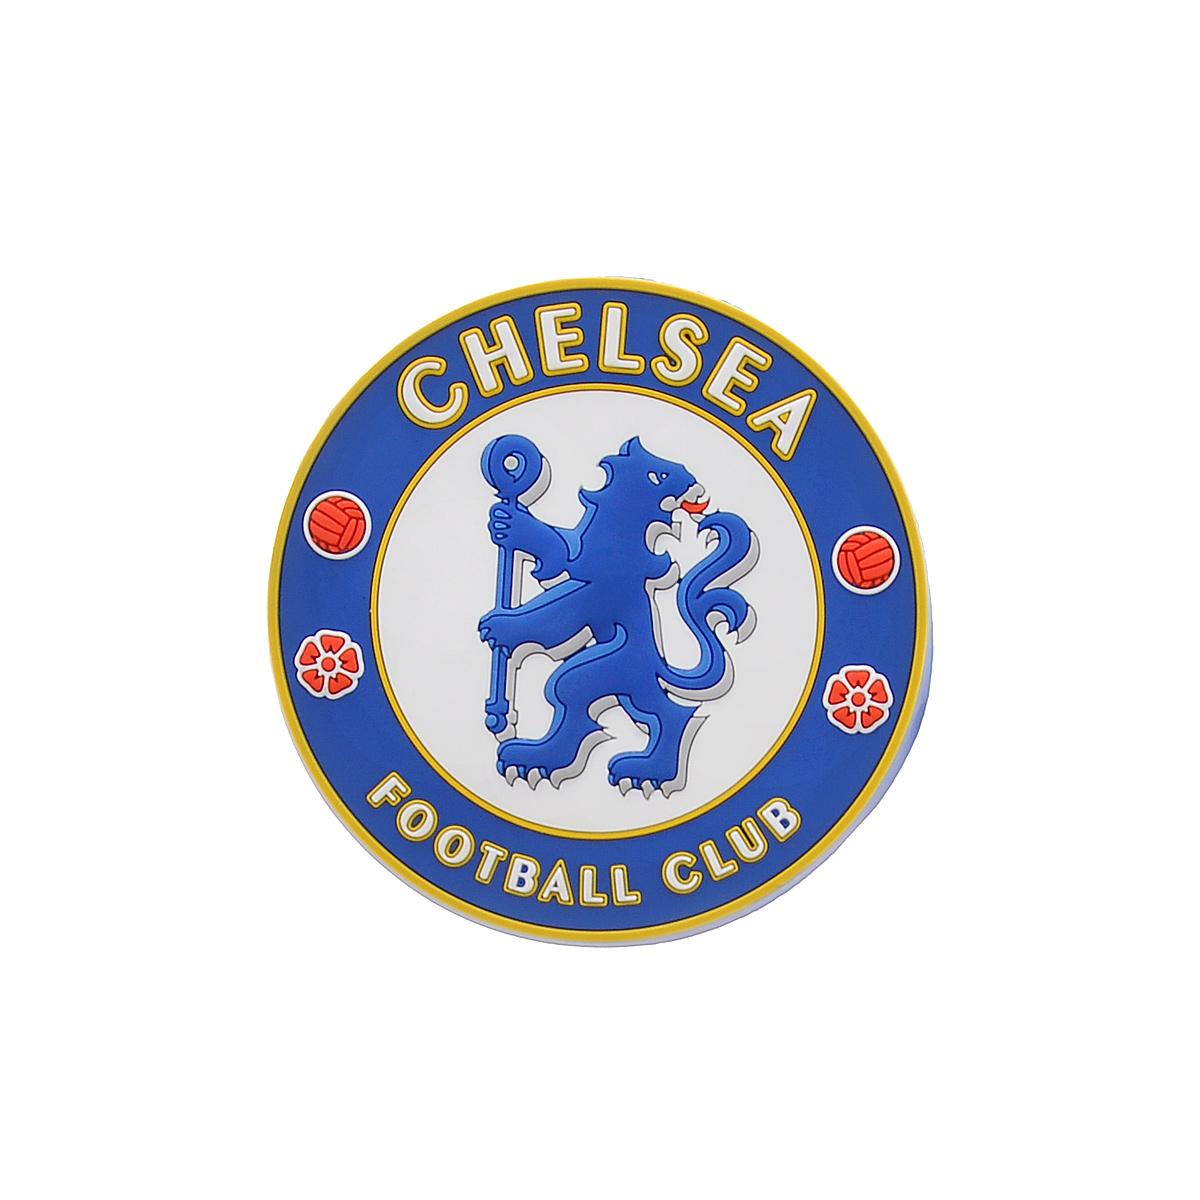 Магнит Chelsea, цвет: синий, белый, красный, диаметр 7,7 см. 0830010536Магнит Chelsea изготовлен из мягкого ПВХ, идентичного резине. Крепится на любые металлические поверхности. Магнит Chelsea порадует истинного болельщика футбольного клуба, а также станет приятным подарком к любому празднику.